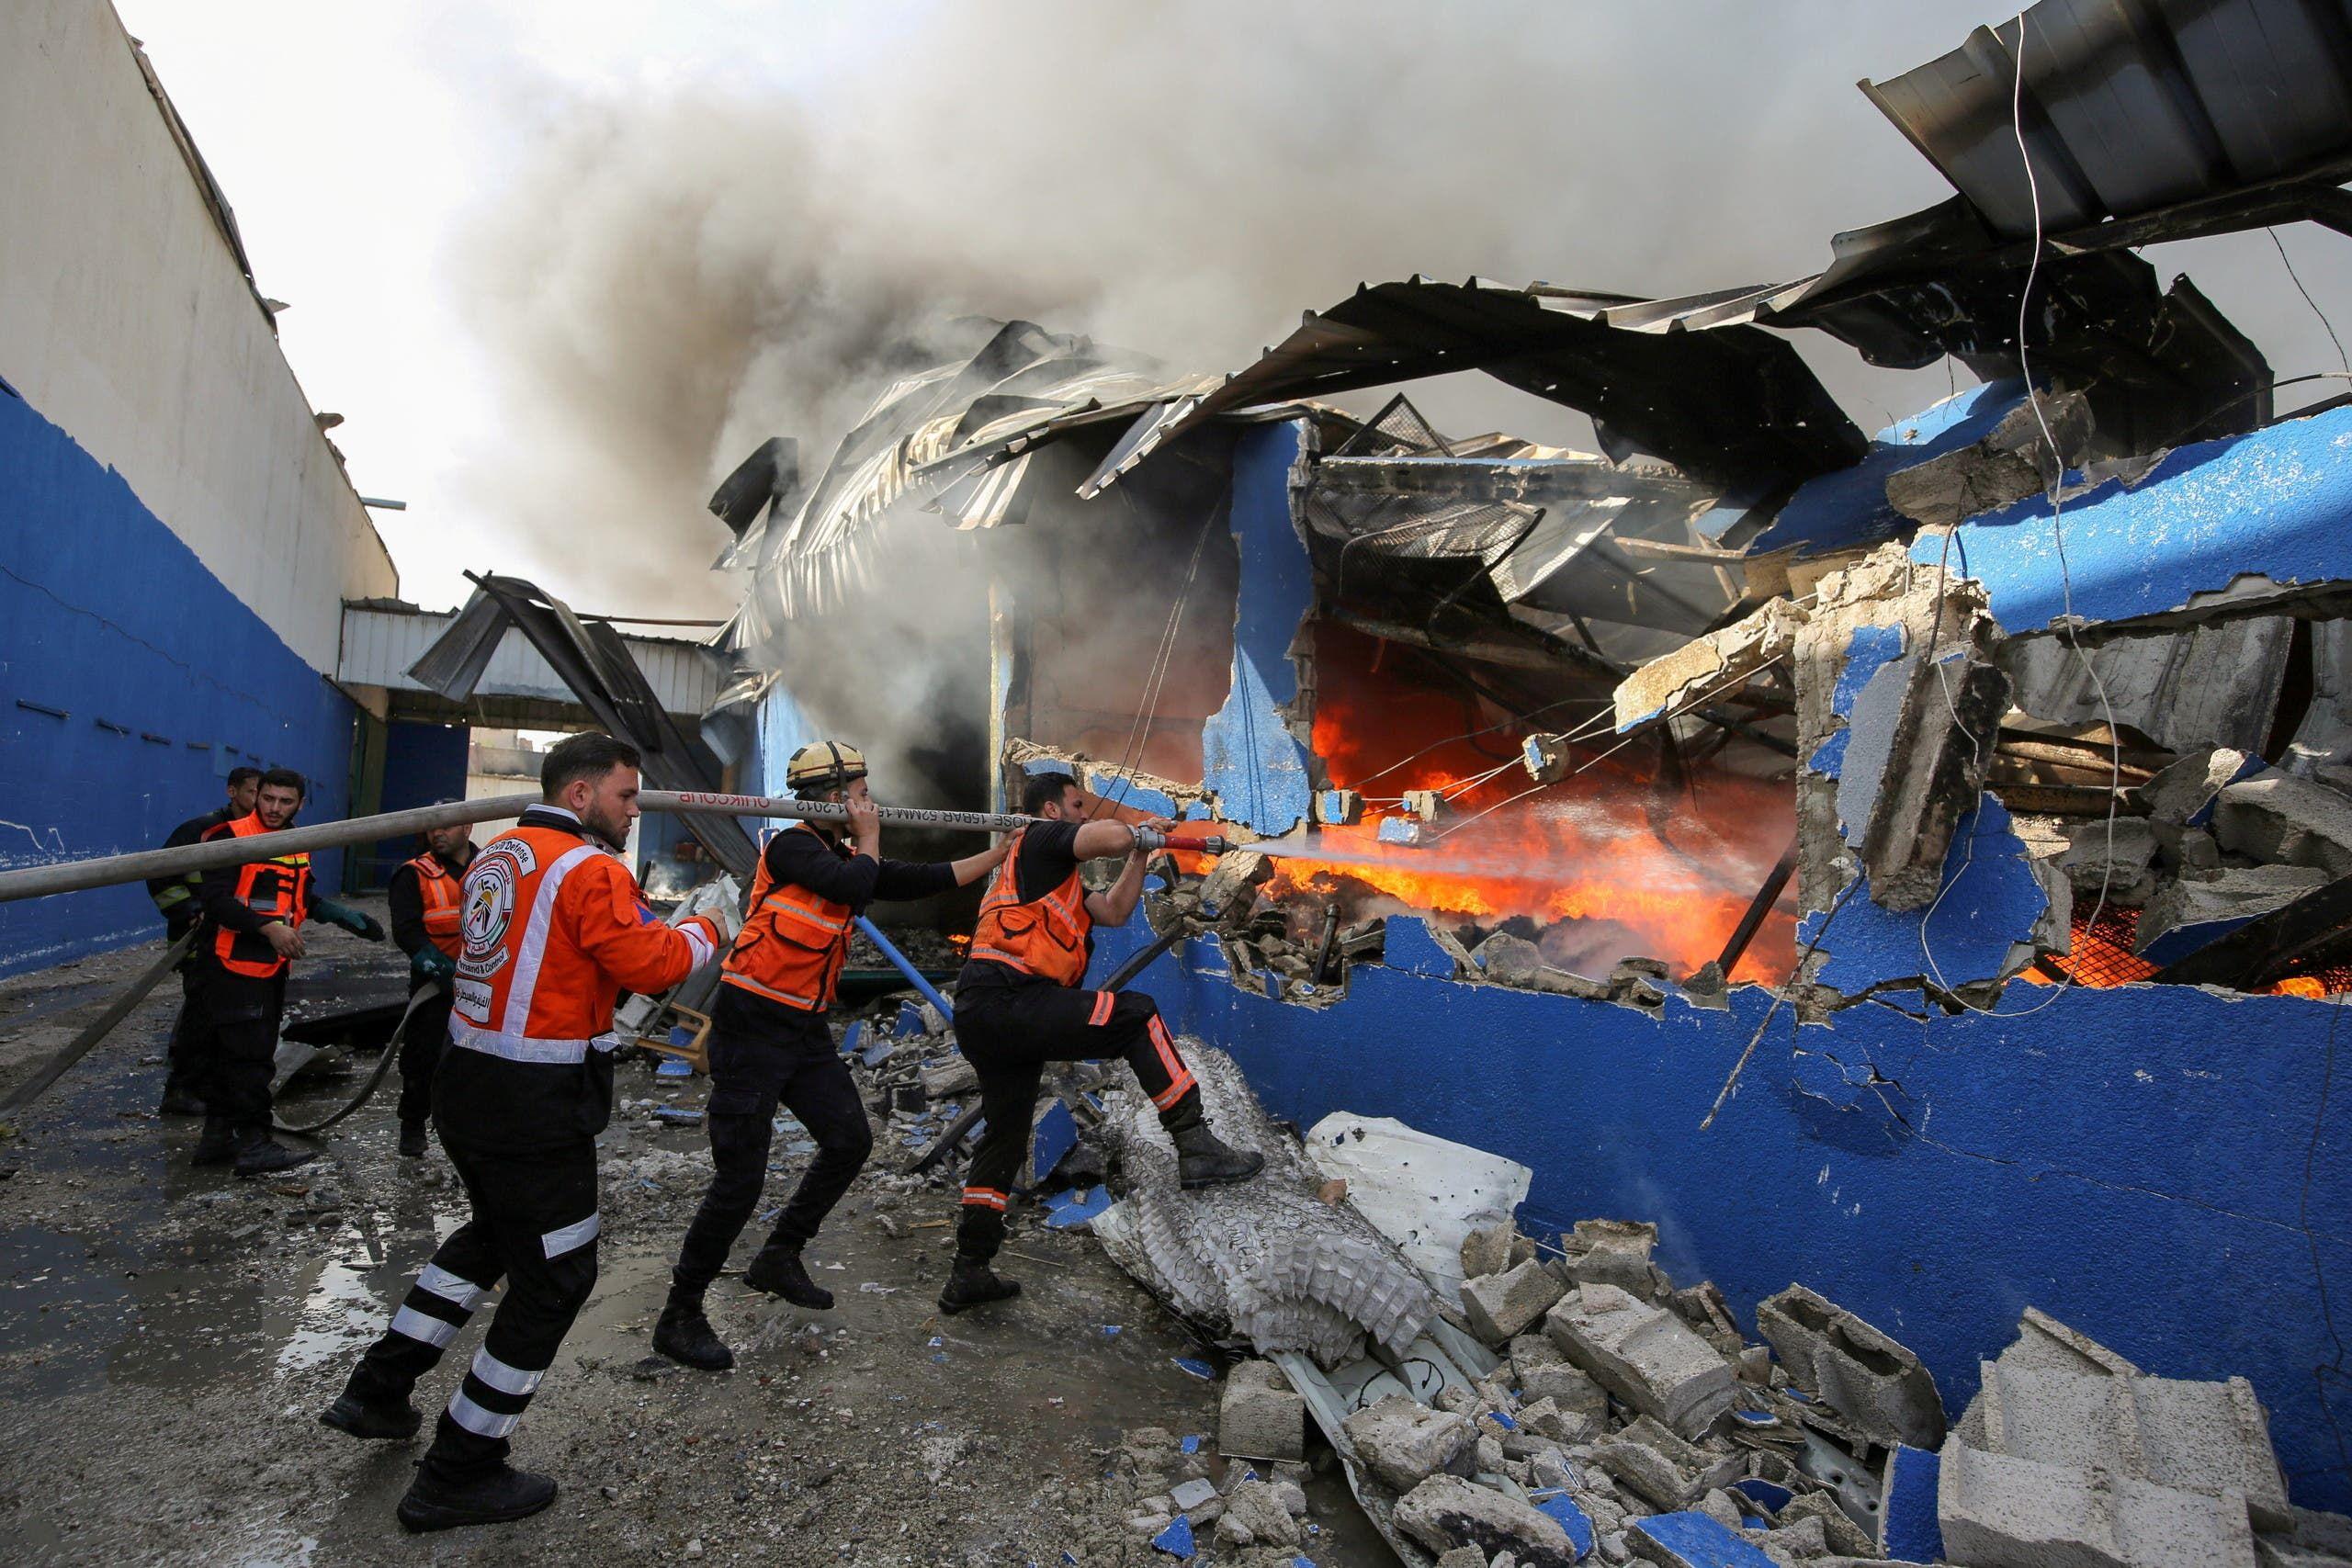 حريق في مصنع إسفنج فلسطيني شمال غزة من جراء قصف مدفعي إسرائيلي